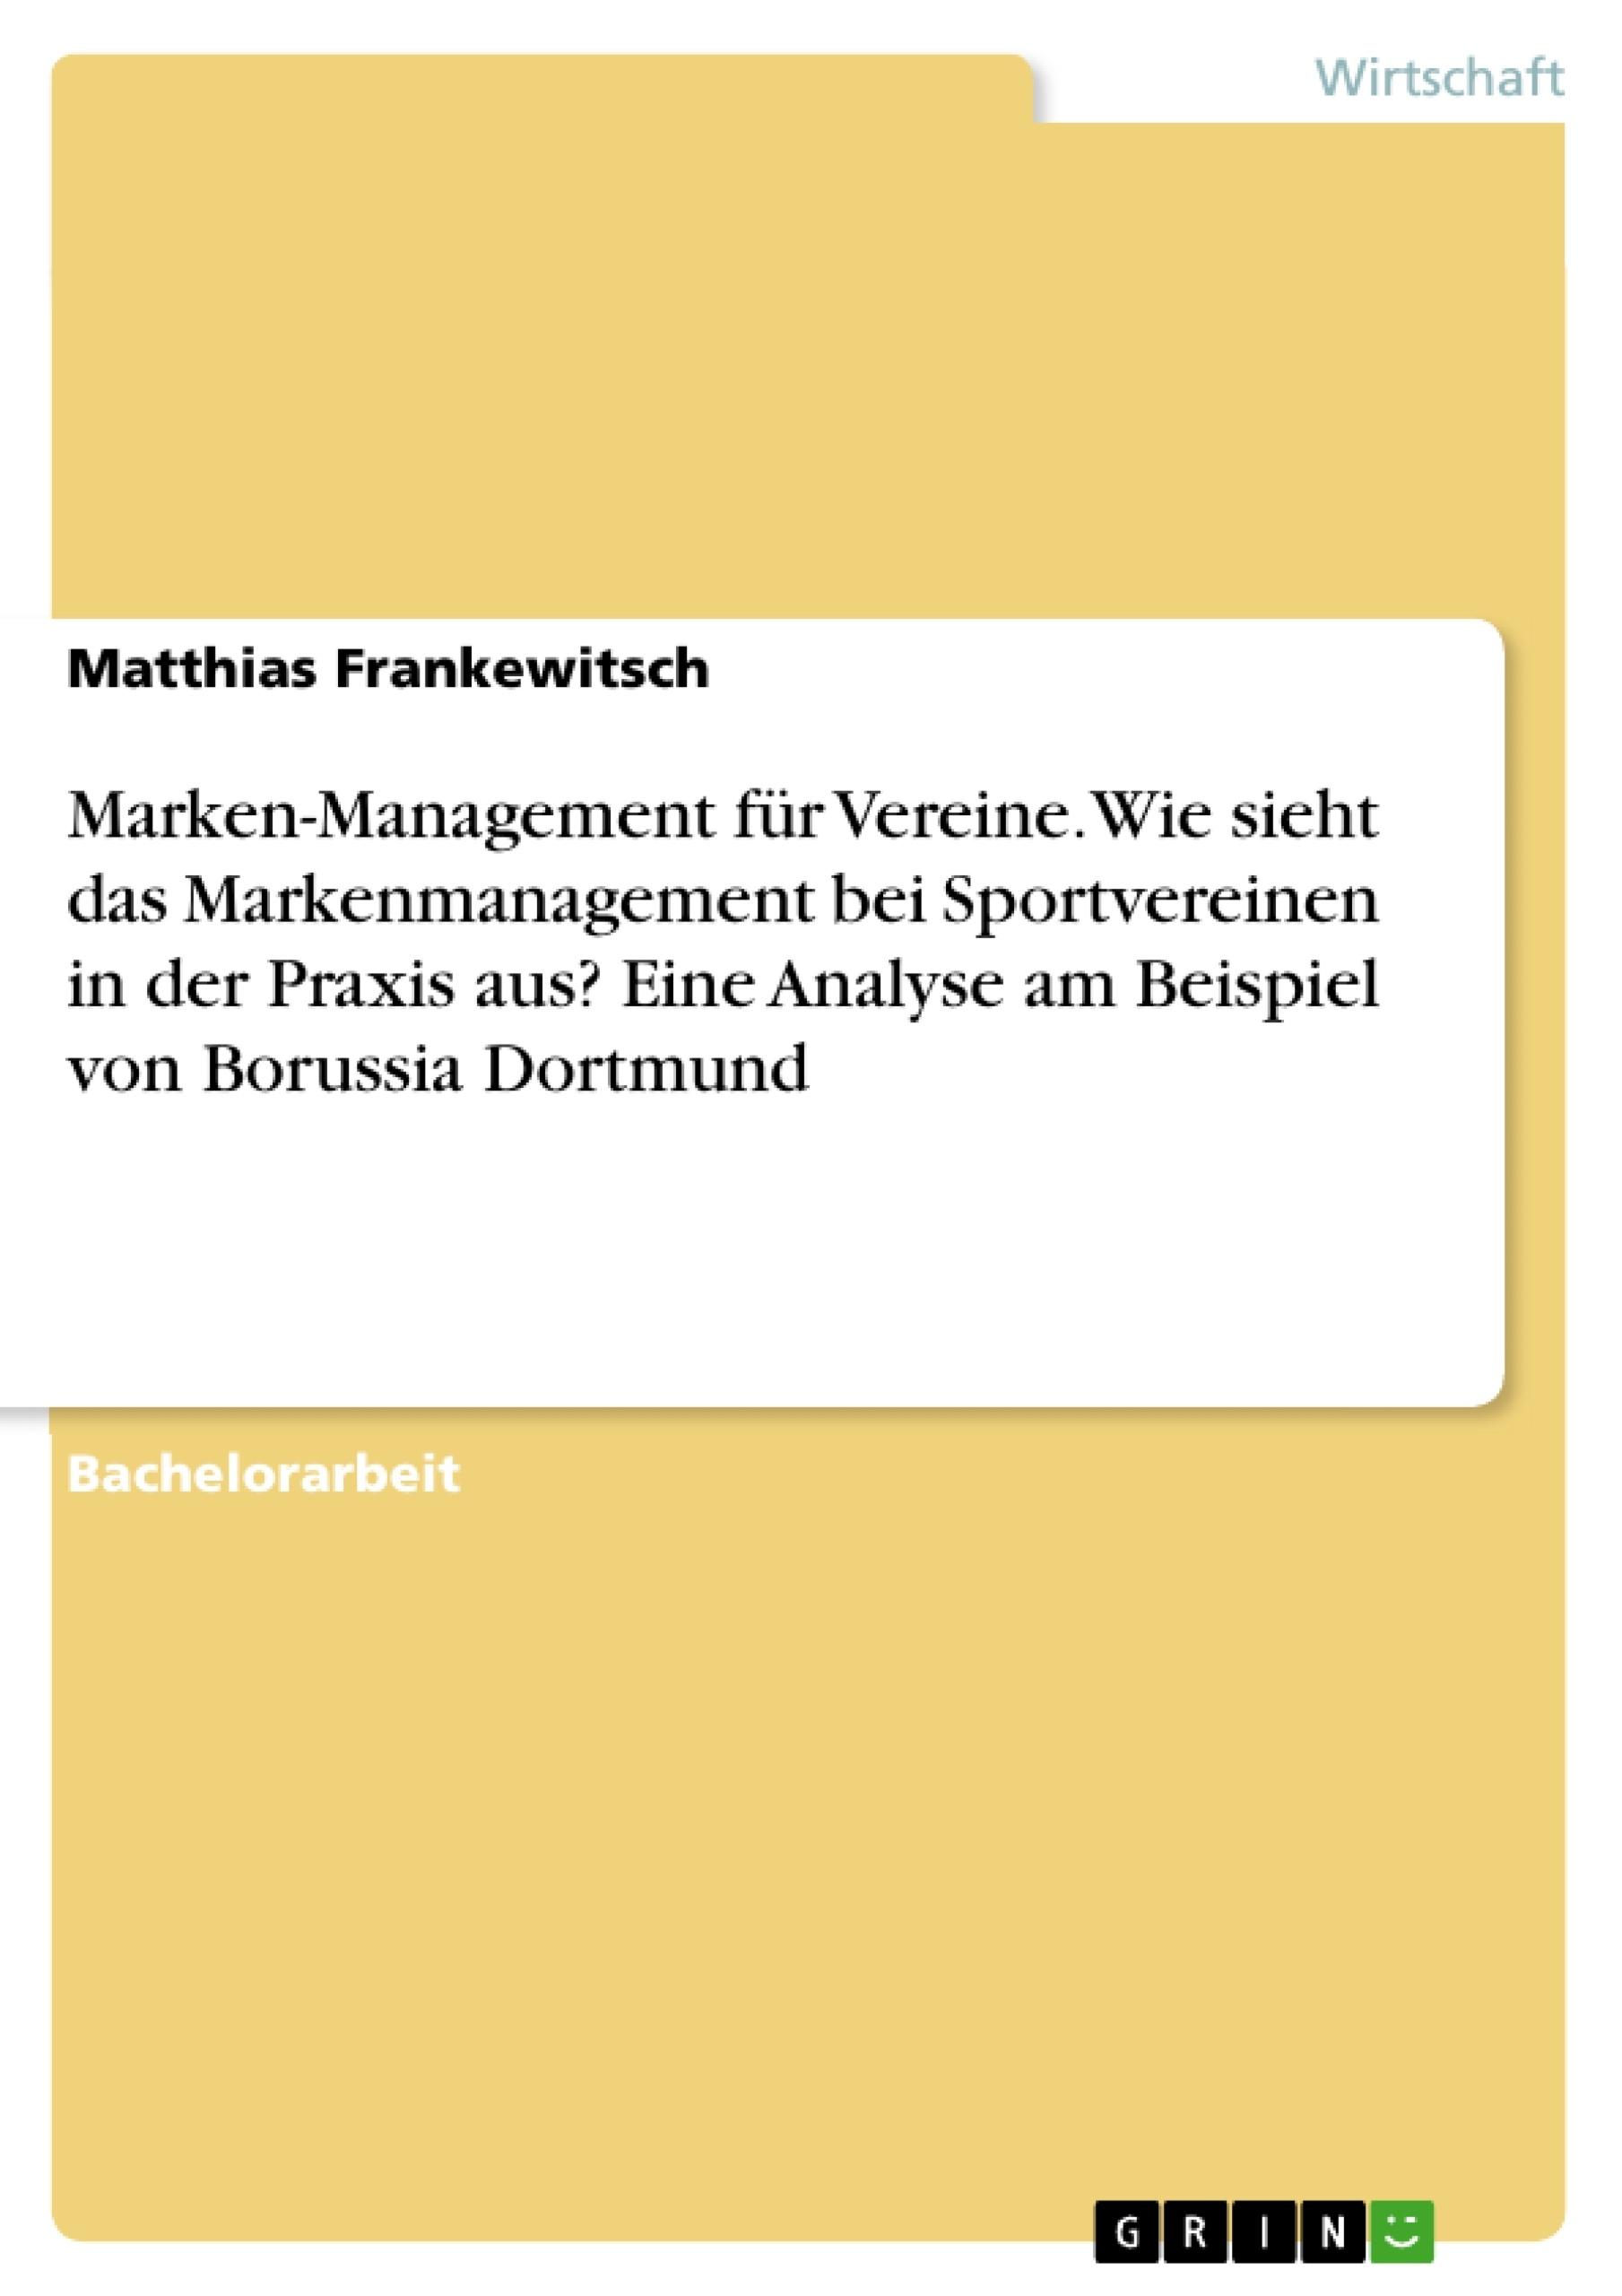 Titel: Marken-Management für Vereine. Wie sieht das Markenmanagement bei Sportvereinen in der Praxis aus? Eine Analyse am Beispiel von Borussia Dortmund